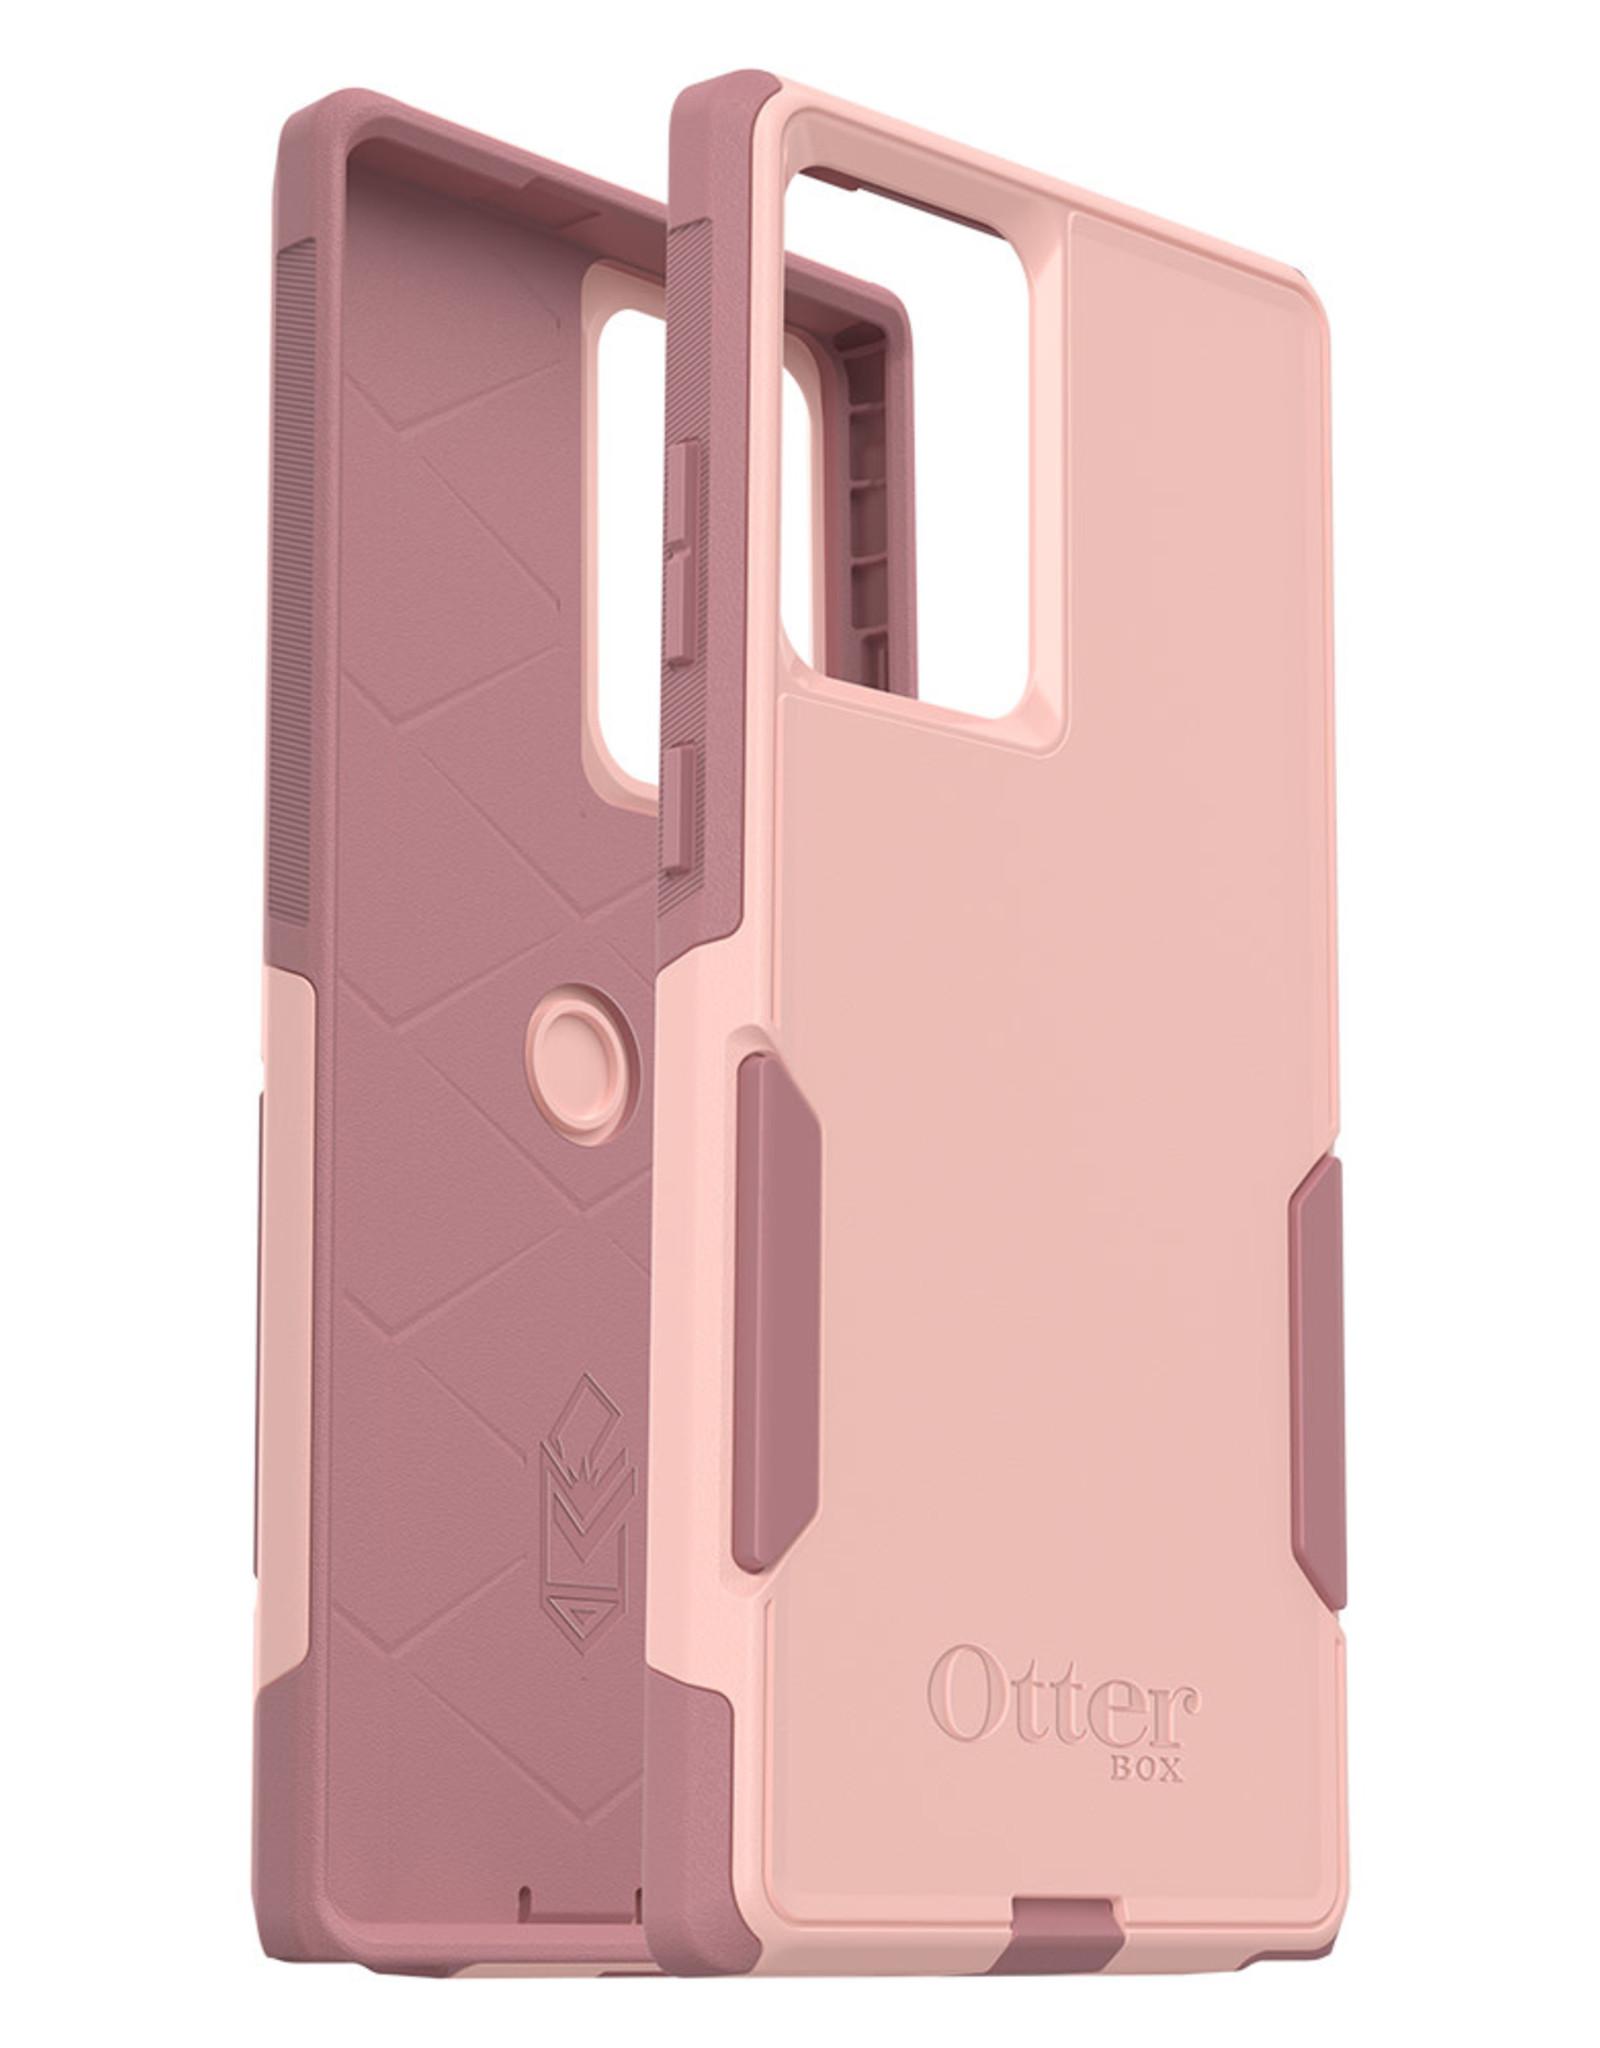 Otterbox Otterbox | Commuter Galaxy Note 20 Ultra Ballet Way | 120-3275